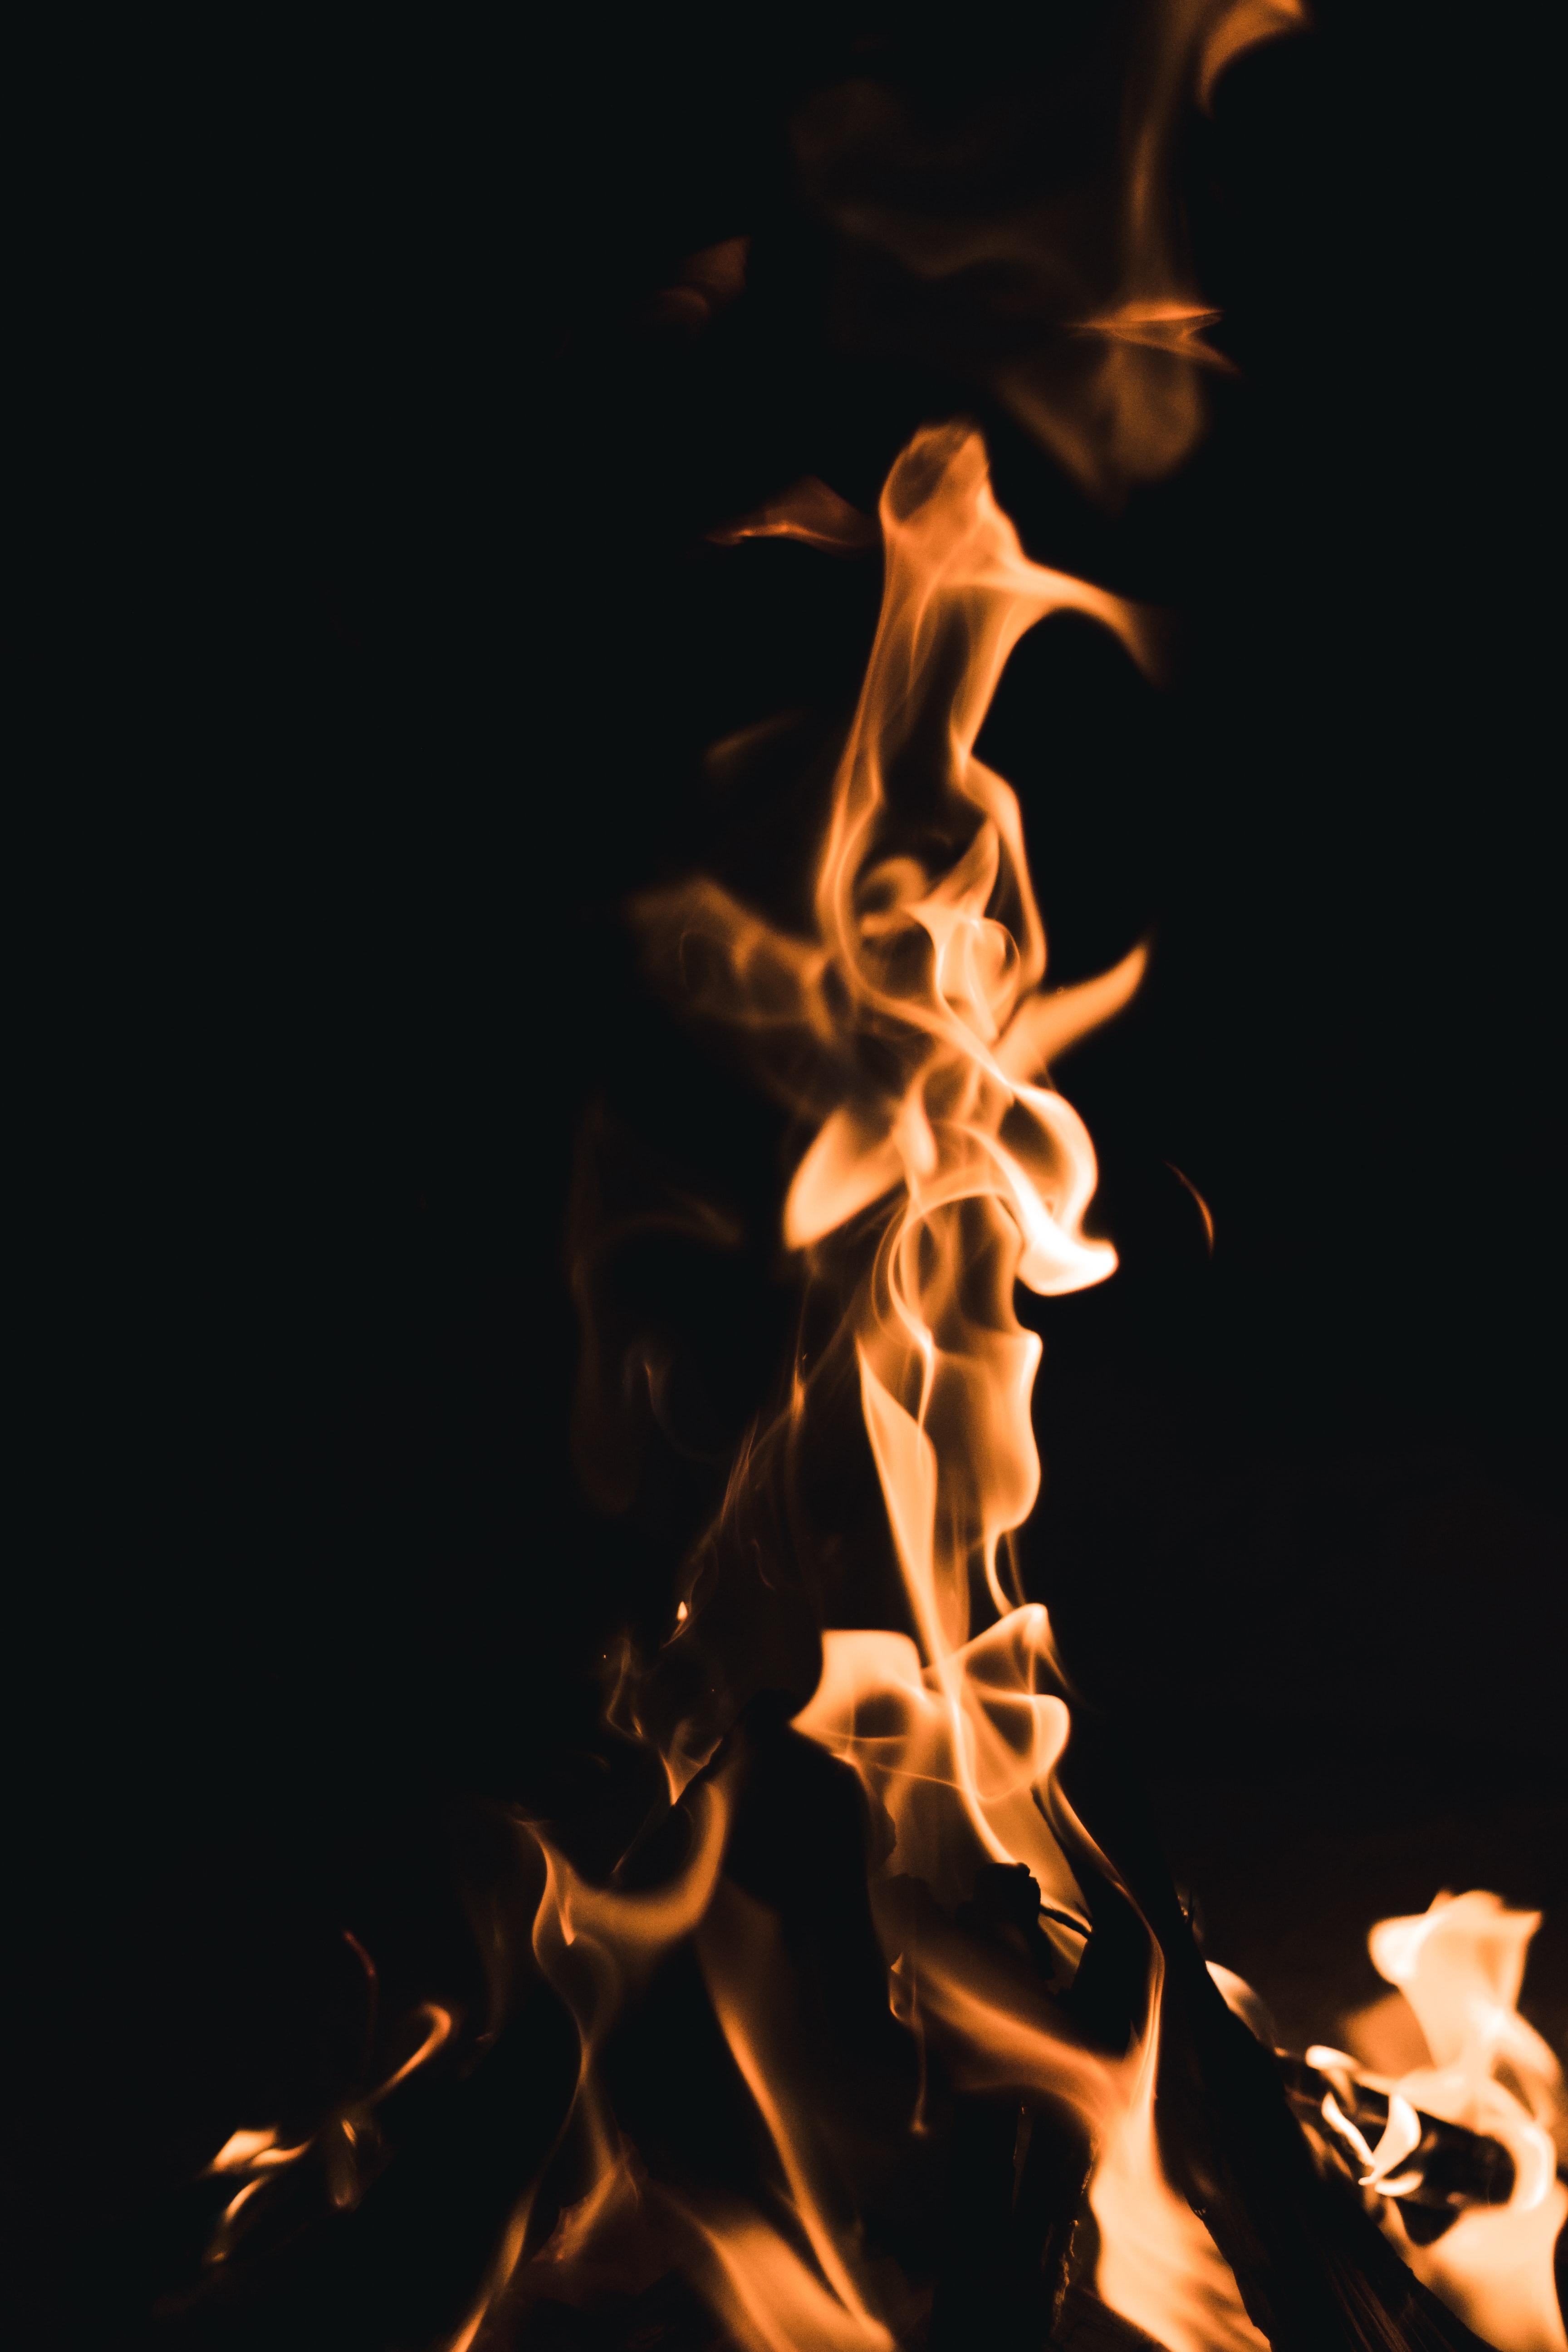 114818 免費下載壁紙 黑暗的, 黑暗, 火, 火焰, 黑色的 屏保和圖片